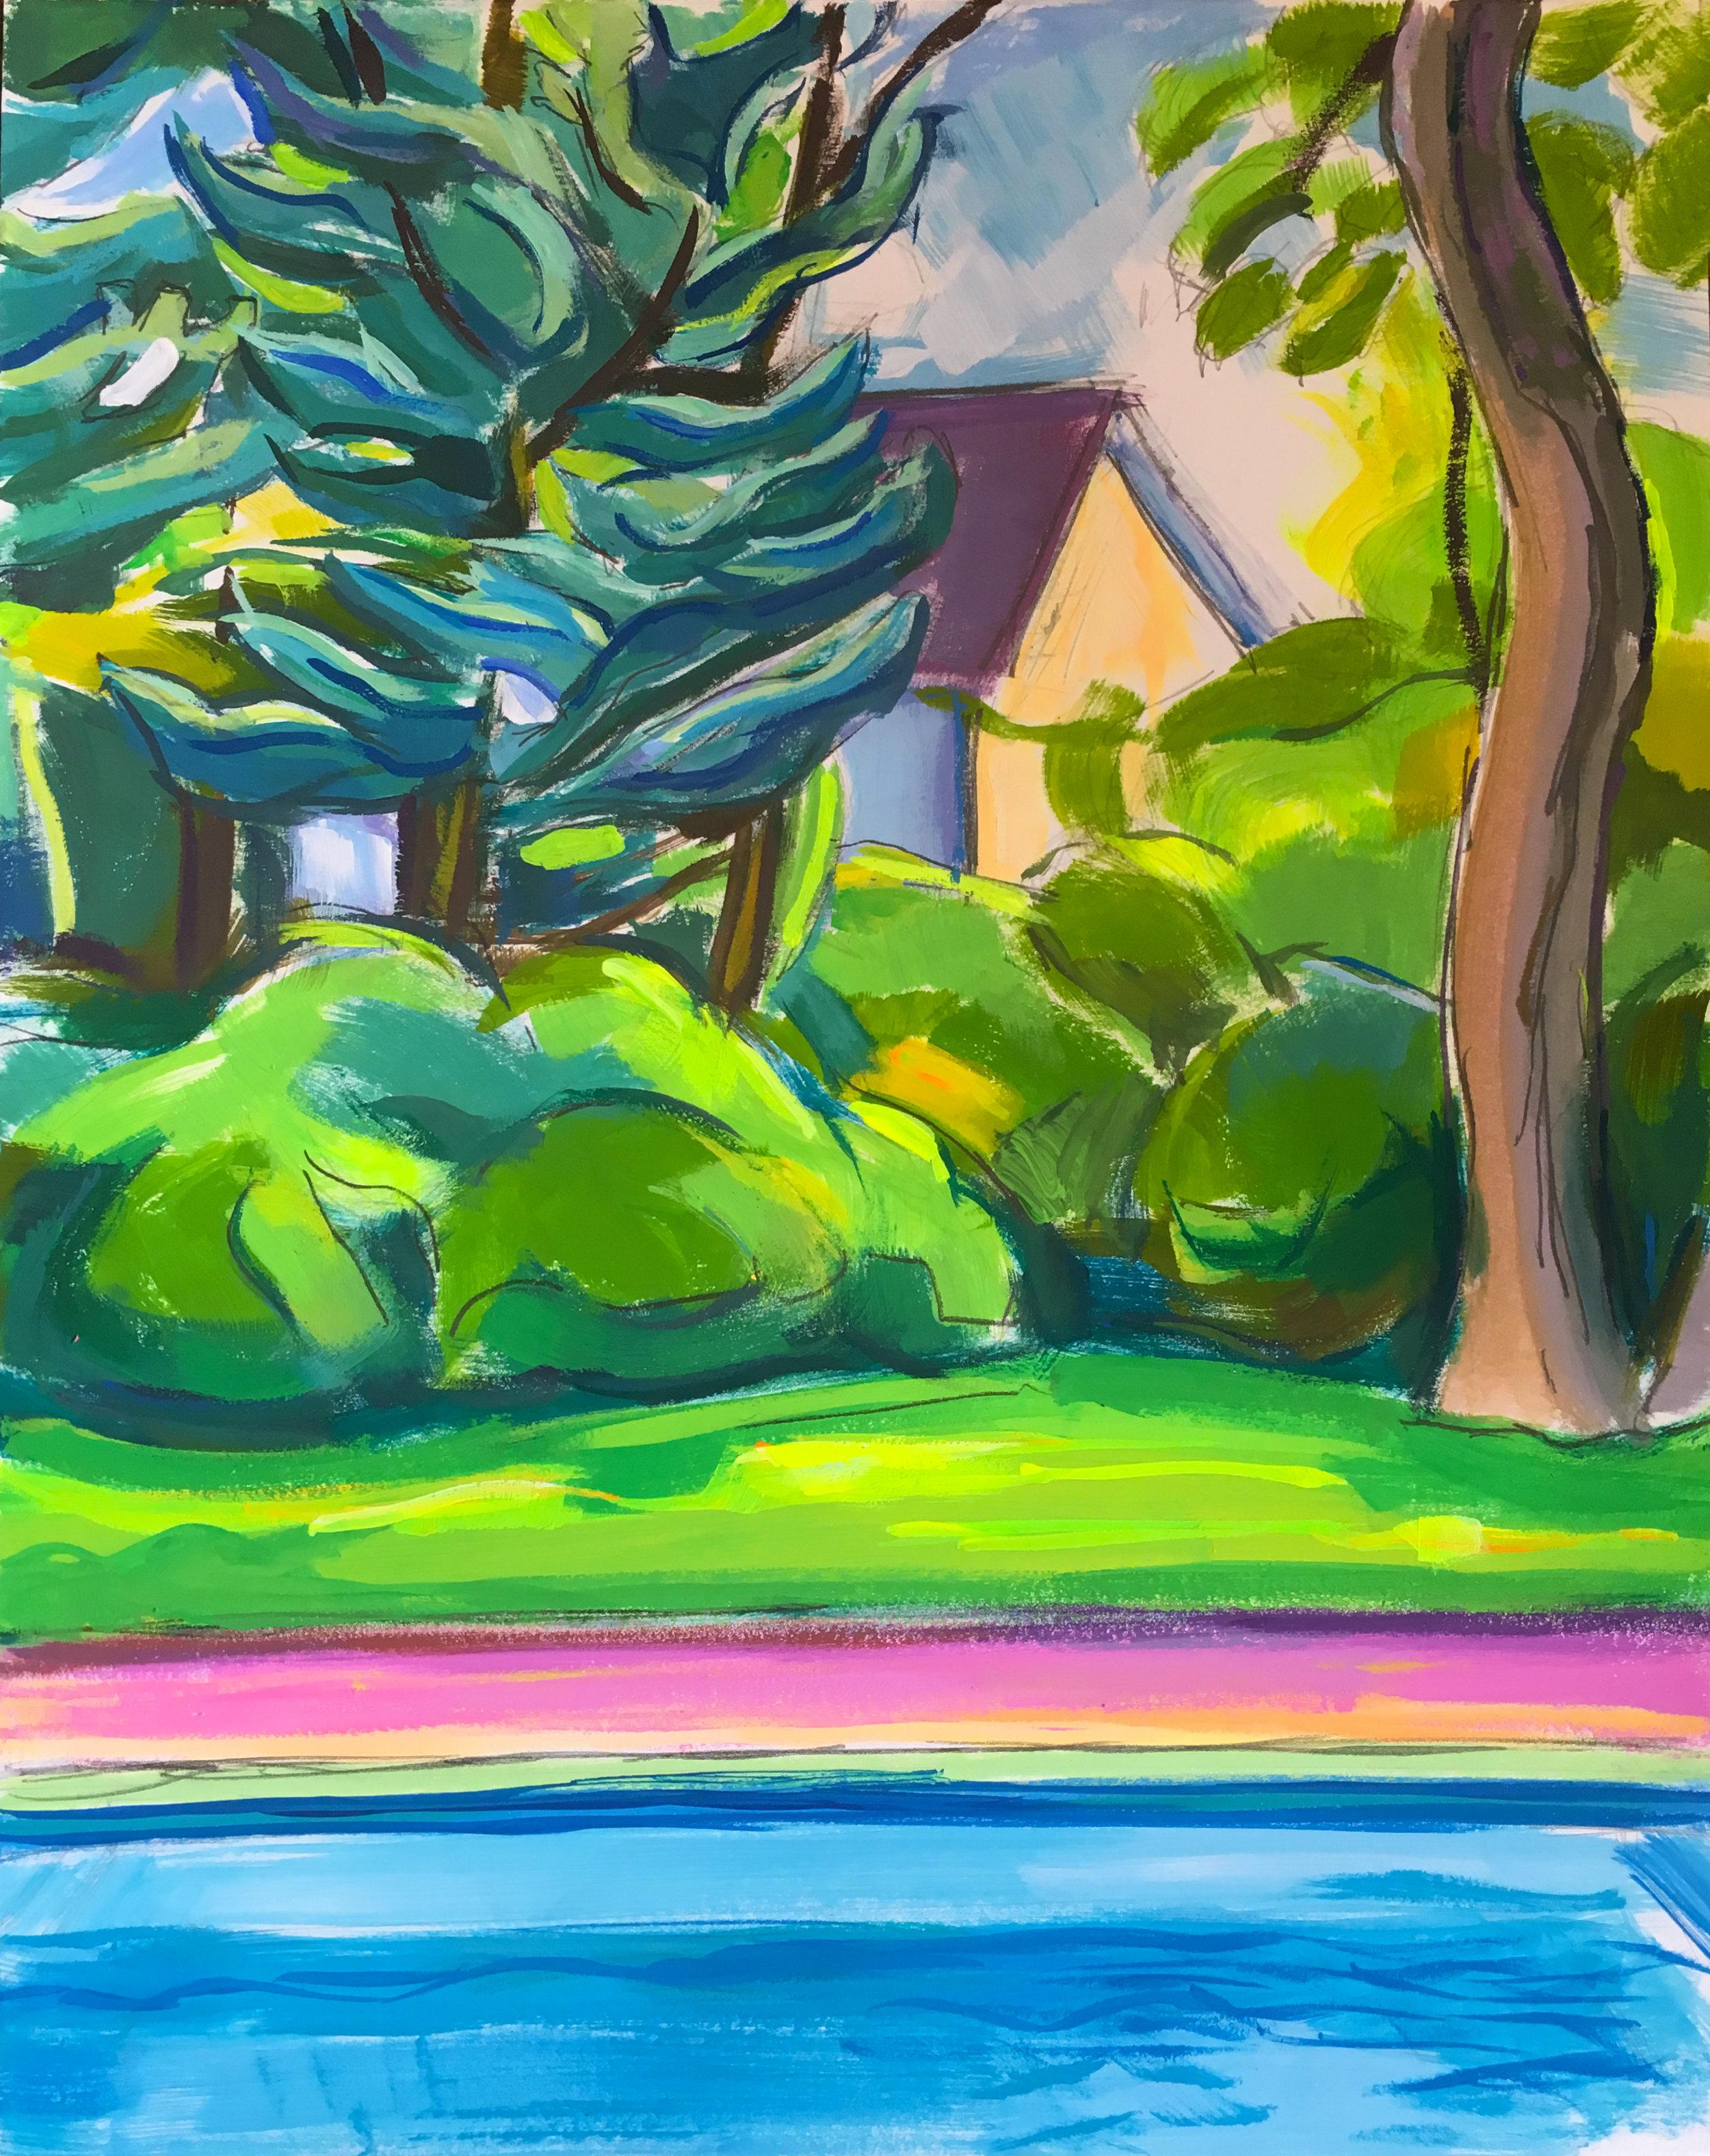 Pool Study V,  gouache, 14 x 11 in., 2017